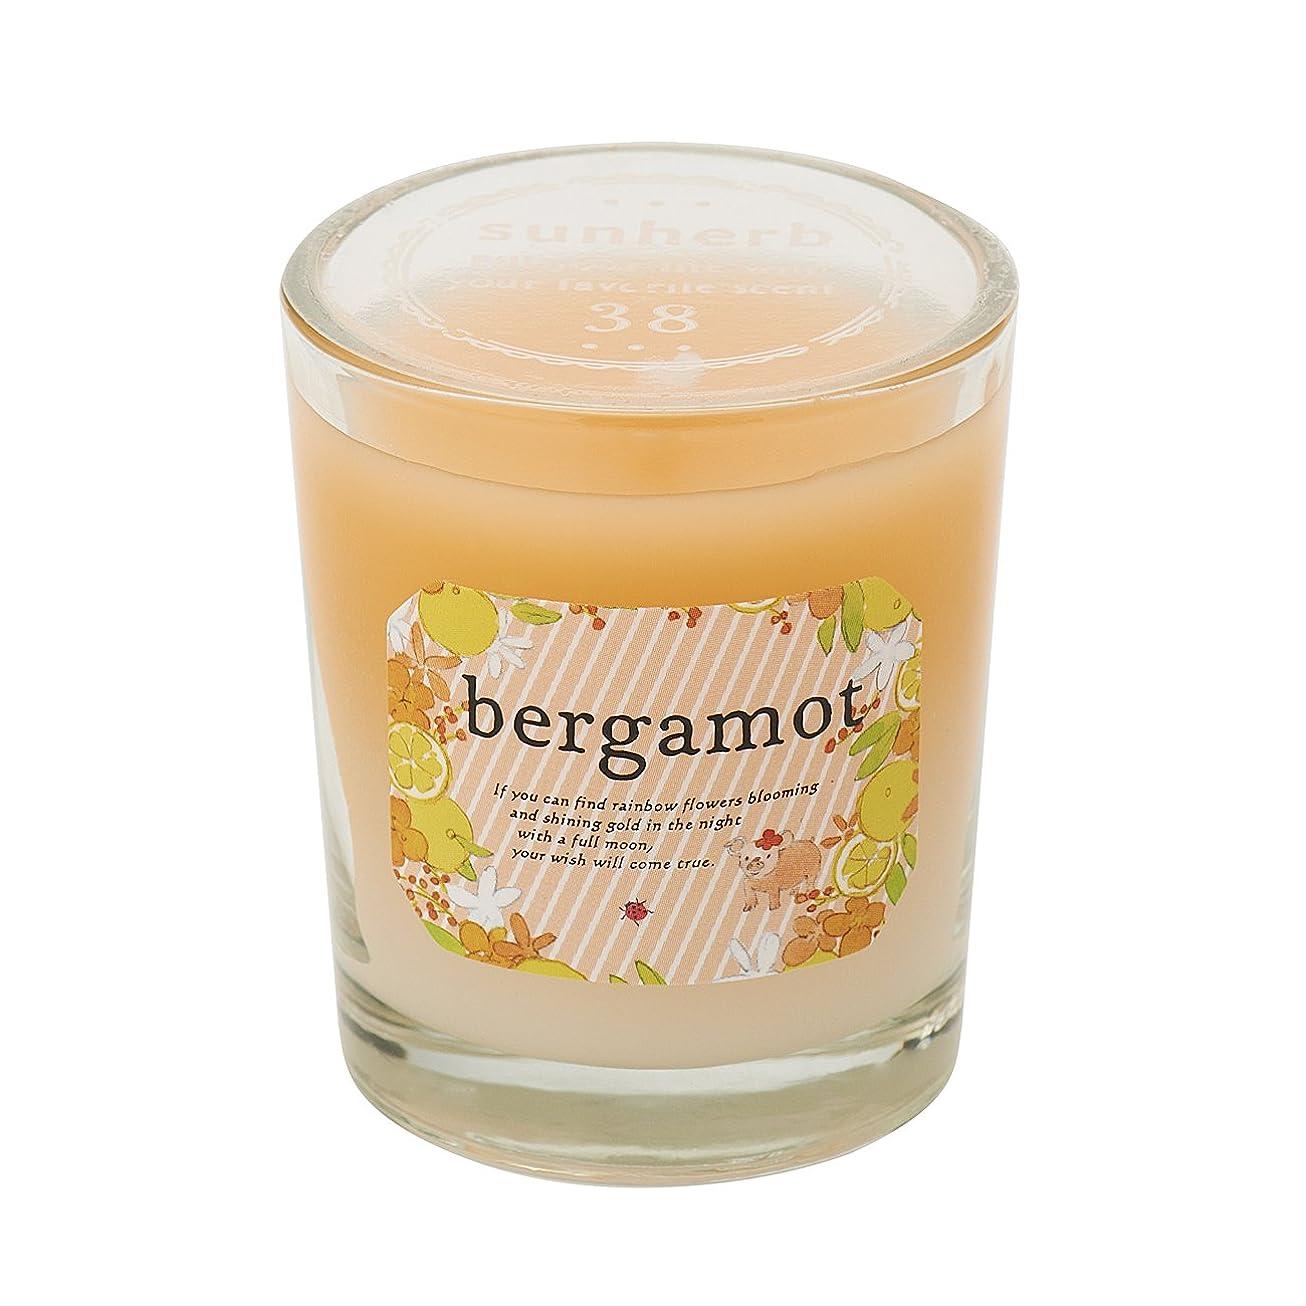 魅力合体シンポジウムサンハーブ グラスキャンドル ベルガモット 35g(グラデーションろうそく 燃焼時間約10時間 懐かしい甘酸っぱい香り)